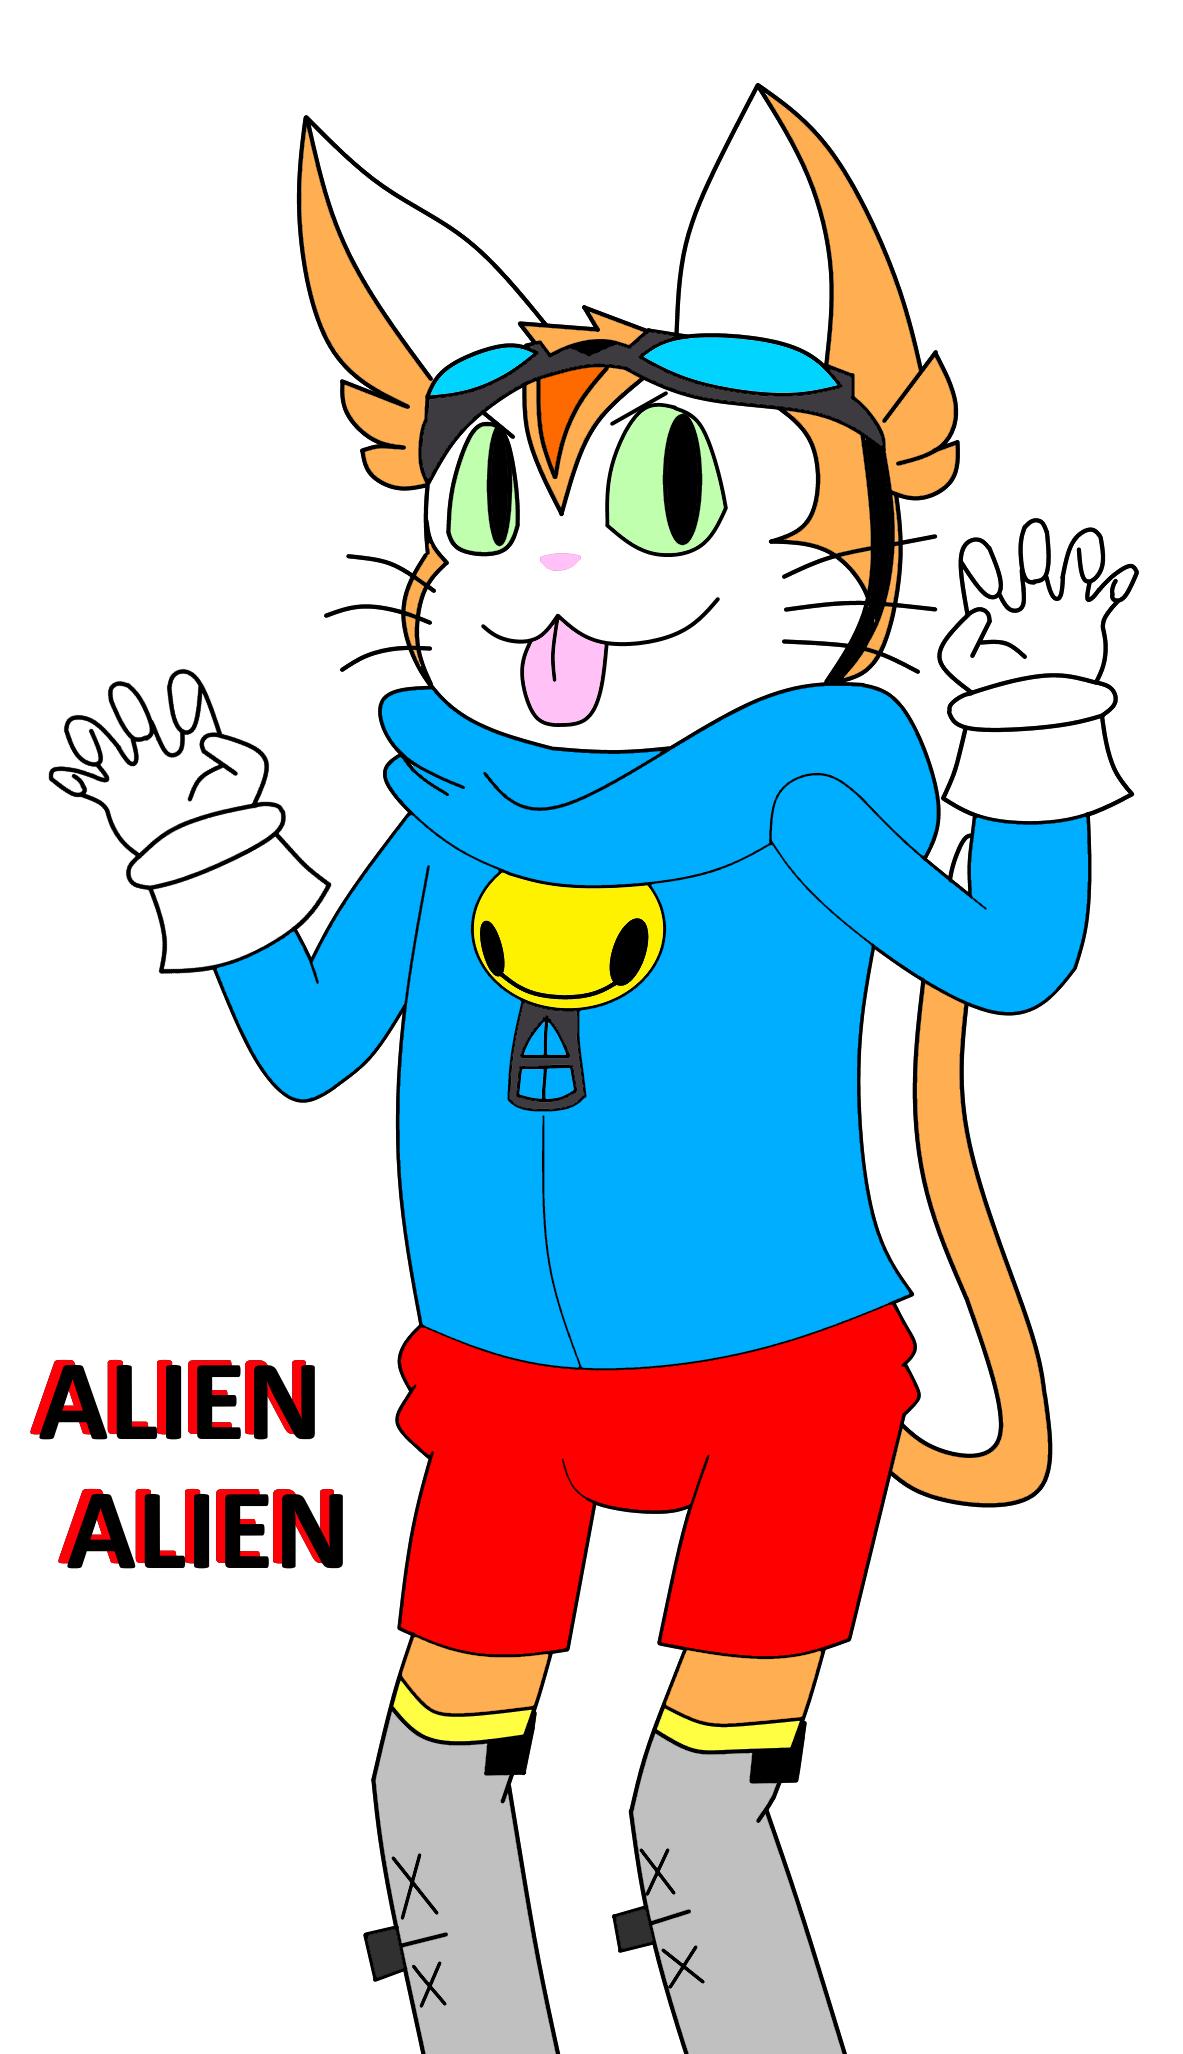 Blinx but he's doing that pose from Alien Alien